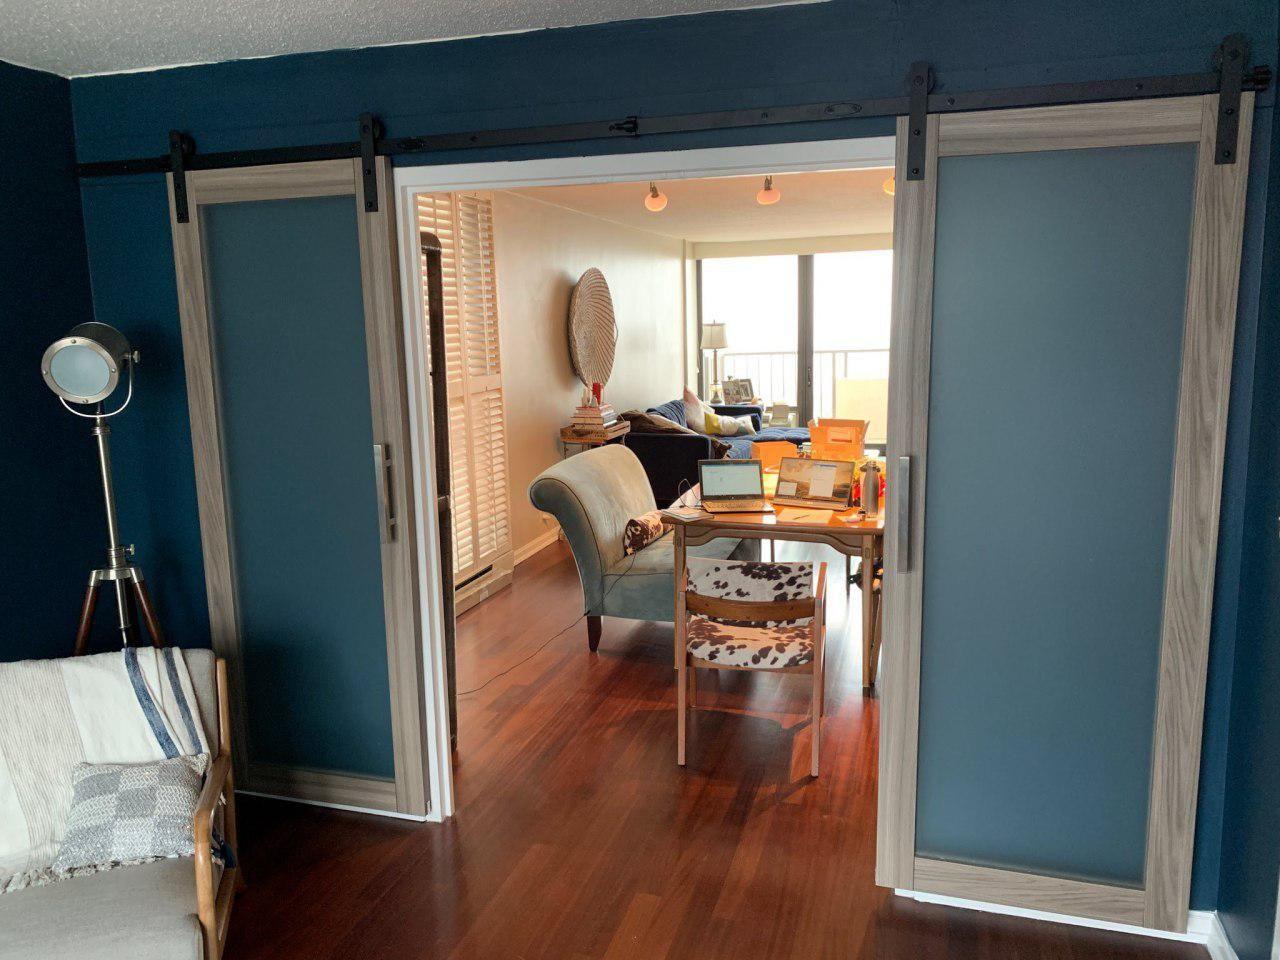 Grey Barn Door Headboard. King or queen bed. Barndoor